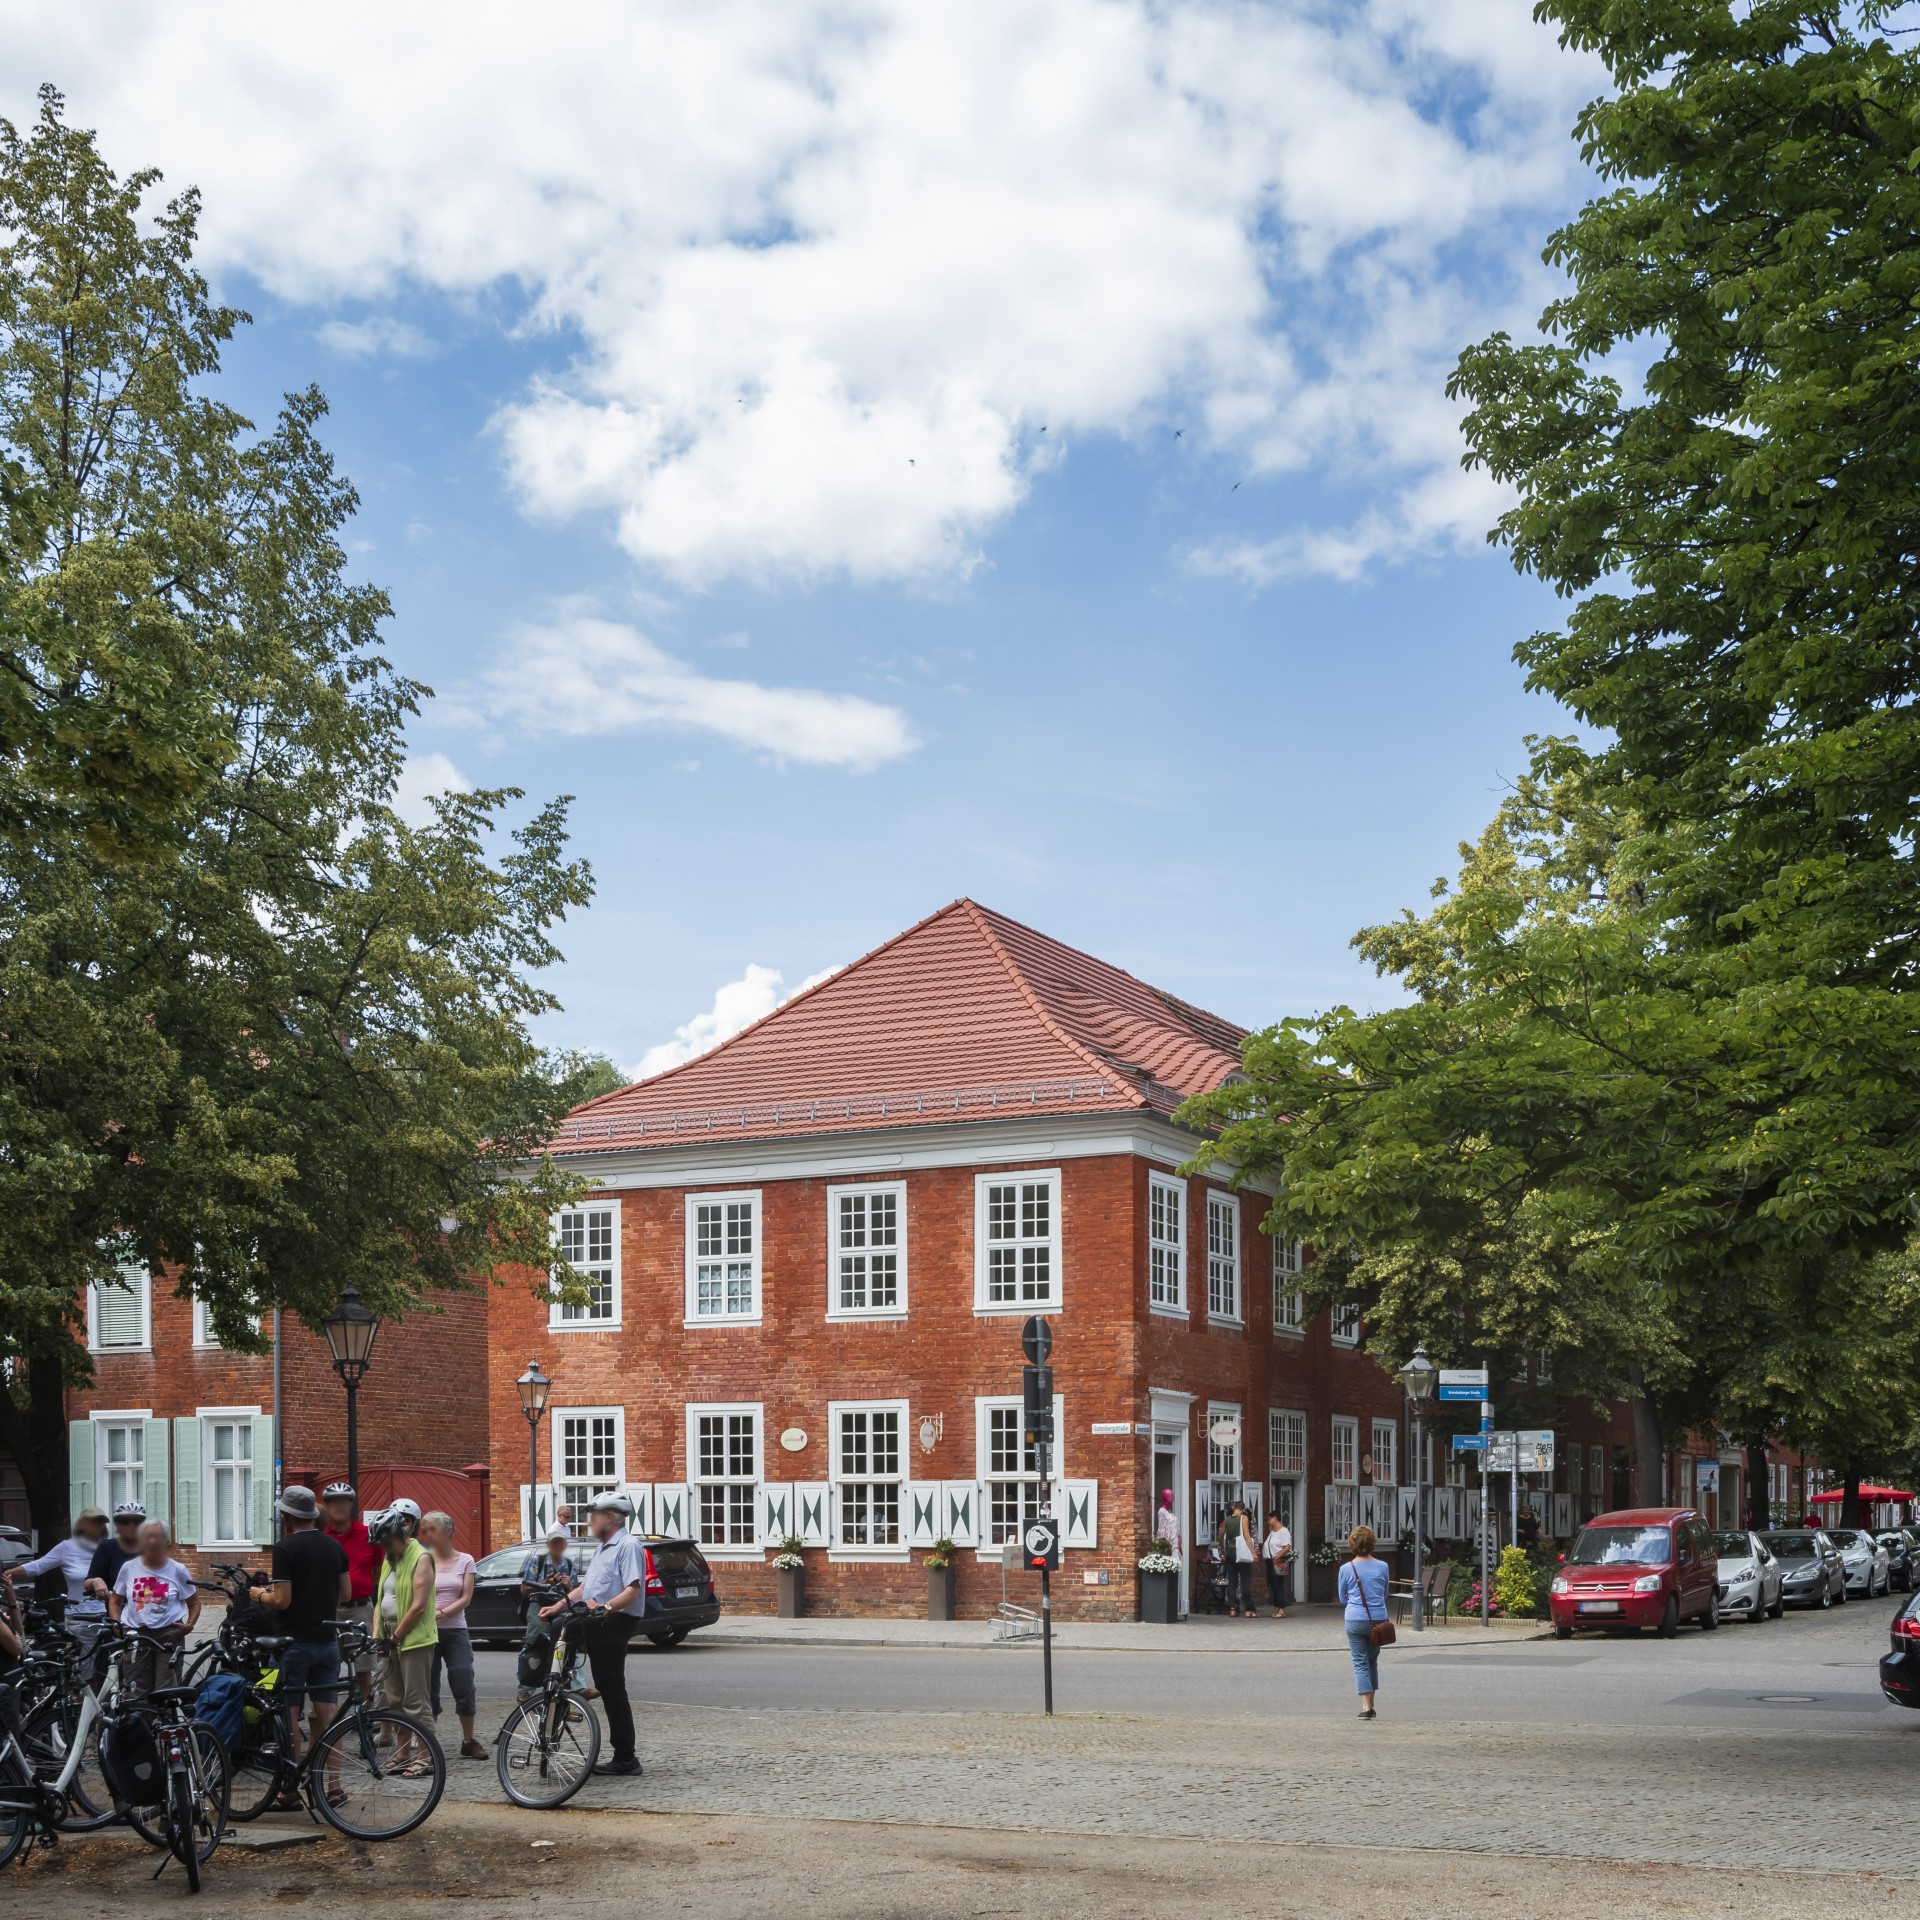 Holländisches Viertel in Potsdam, Foto: PMSG/ André Stiebitz